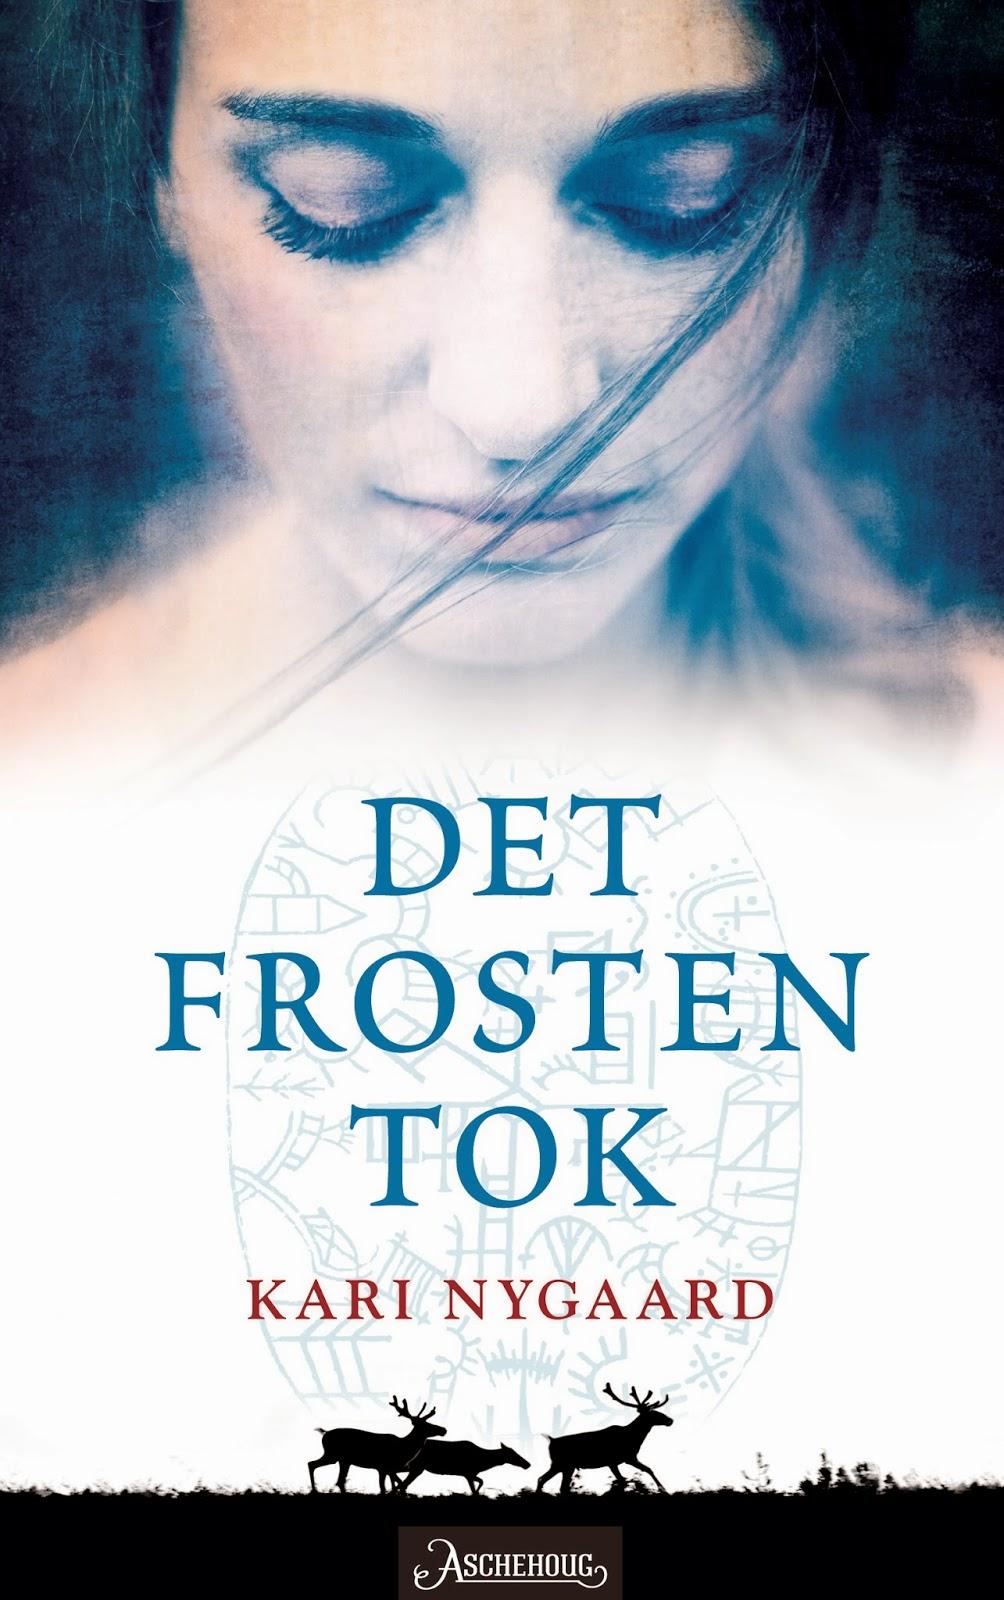 http://issuu.com/aschehoug/docs/nygaard_det_frosten_tok/1?e=2026704/10901814